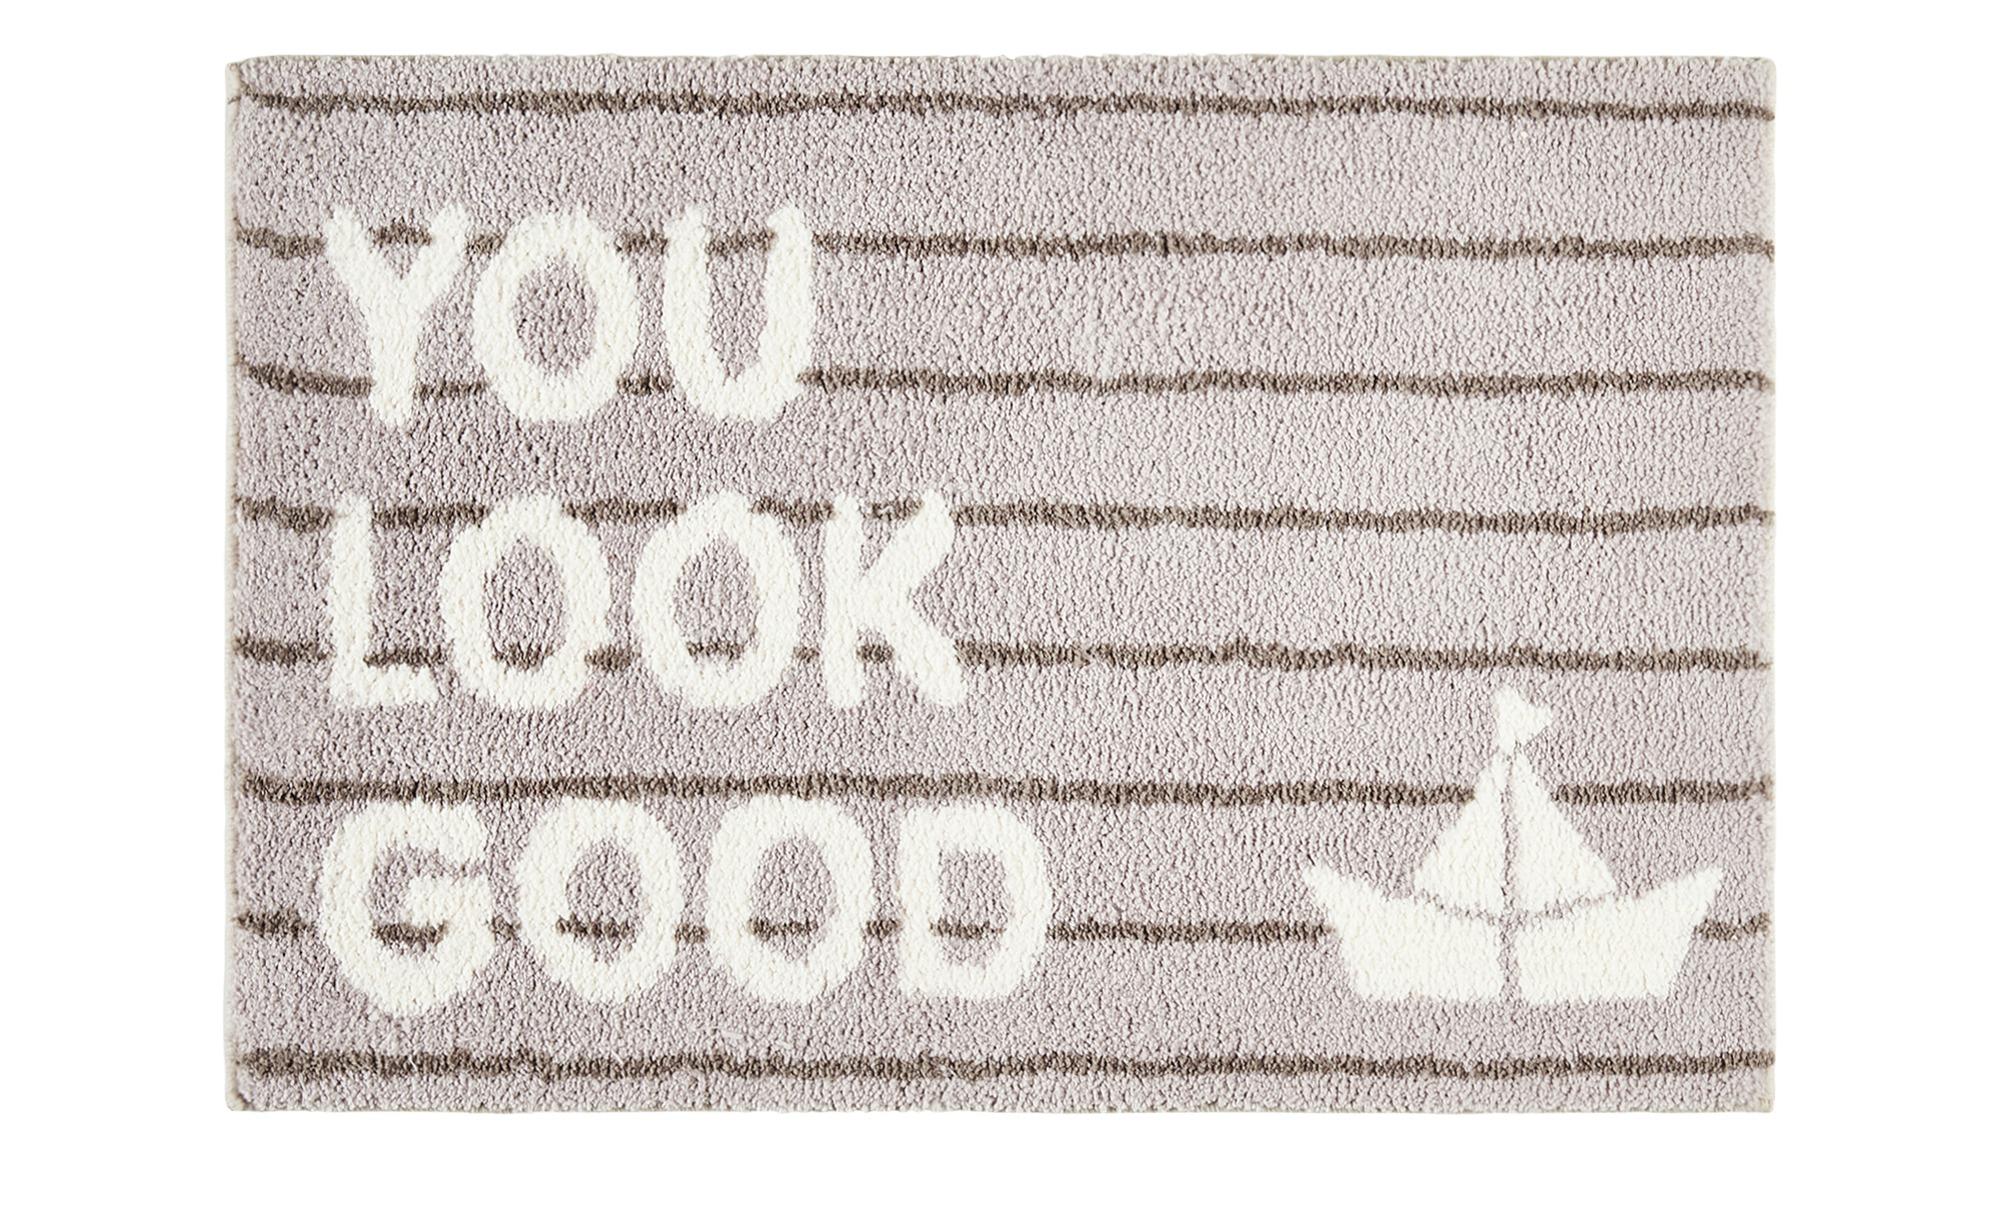 Kleine Wolke Badteppich  Look ¦ creme ¦ 100% Polyester ¦ Maße (cm): B: 70 Badtextilien und Zubehör > Badematten & Badvorleger - Höffner